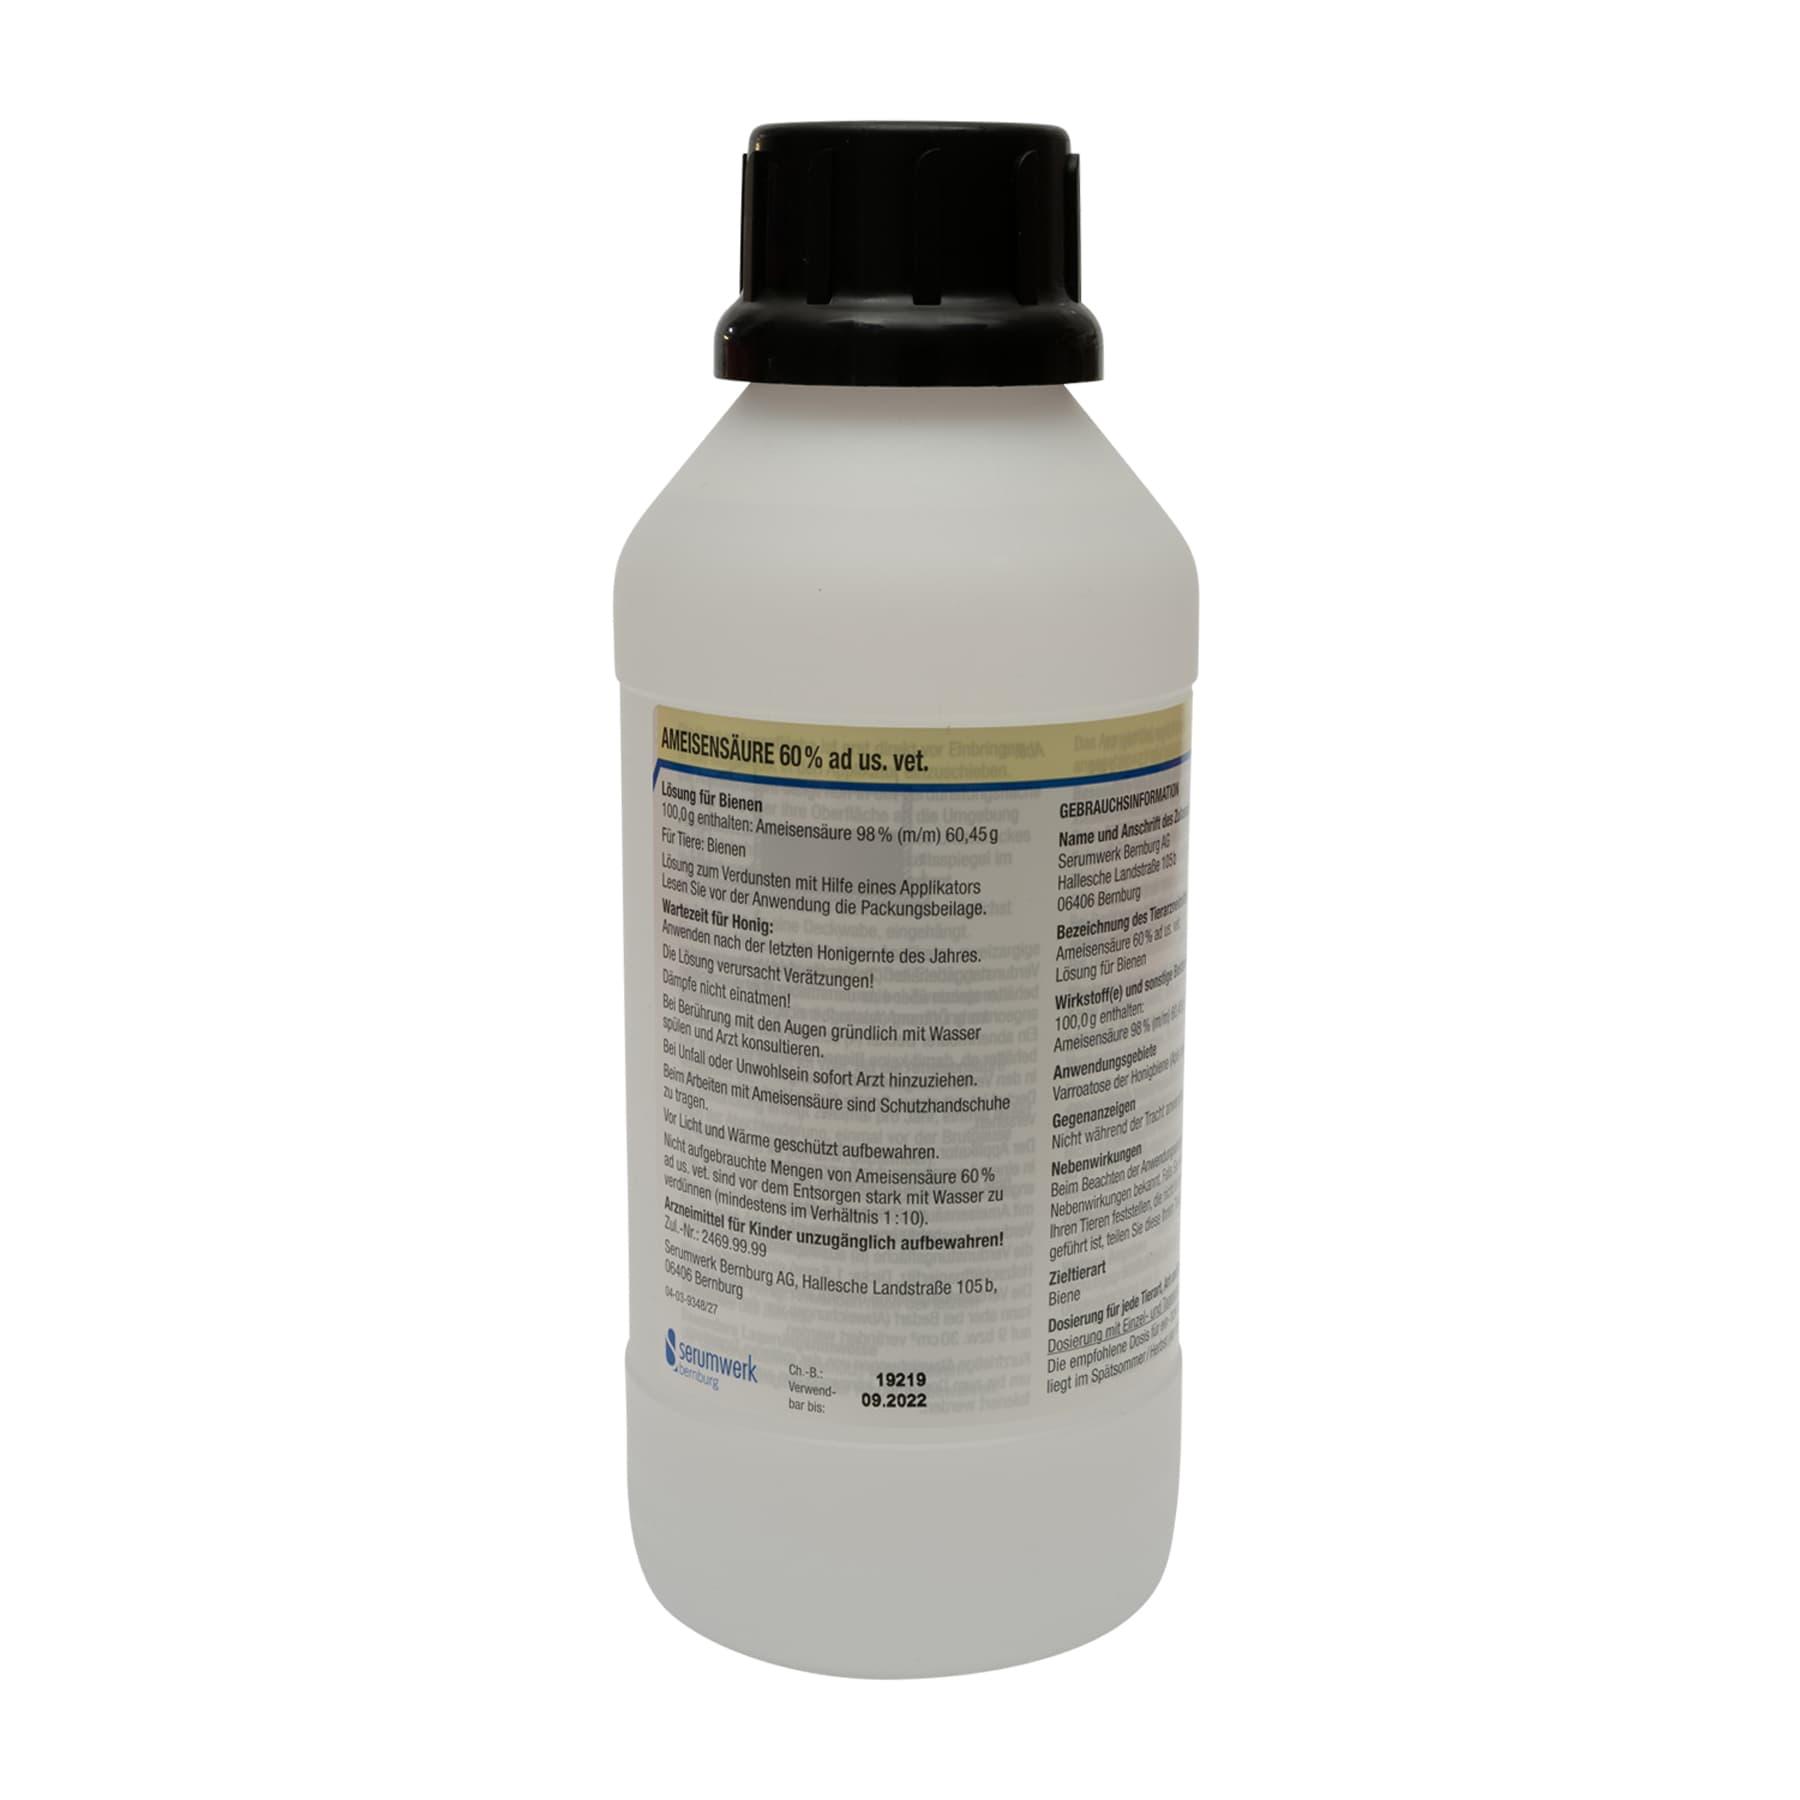 Ameisensäure 60 %  ad us Vet Liter, Kunststoffflasche, (Hersteller Serumwerke) wegen Gefahrgut nur zur Selbstabholung